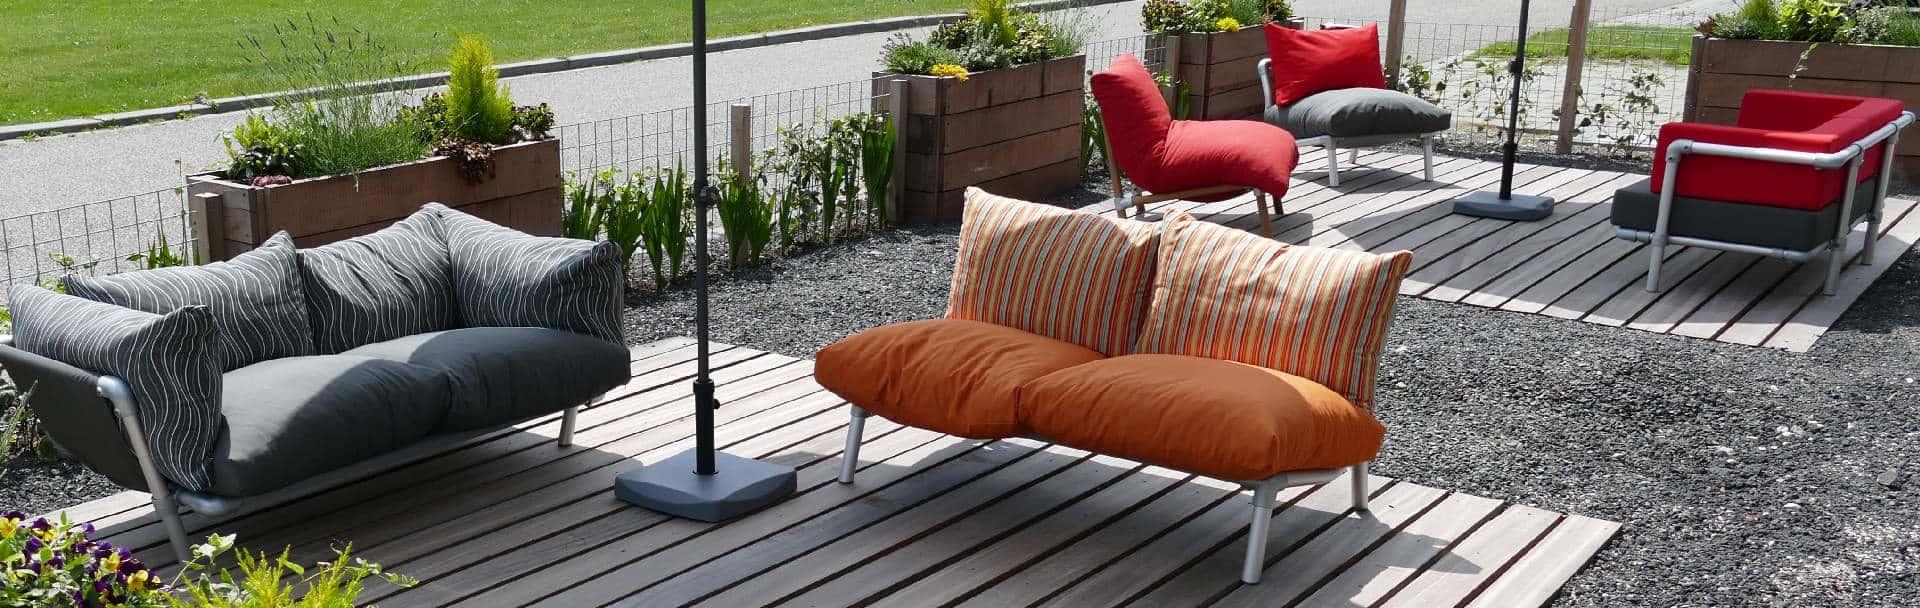 loungemeubels voor buiten op terras. Loungebanken en loungestoelen in vele kleuren verkrijgbaar.